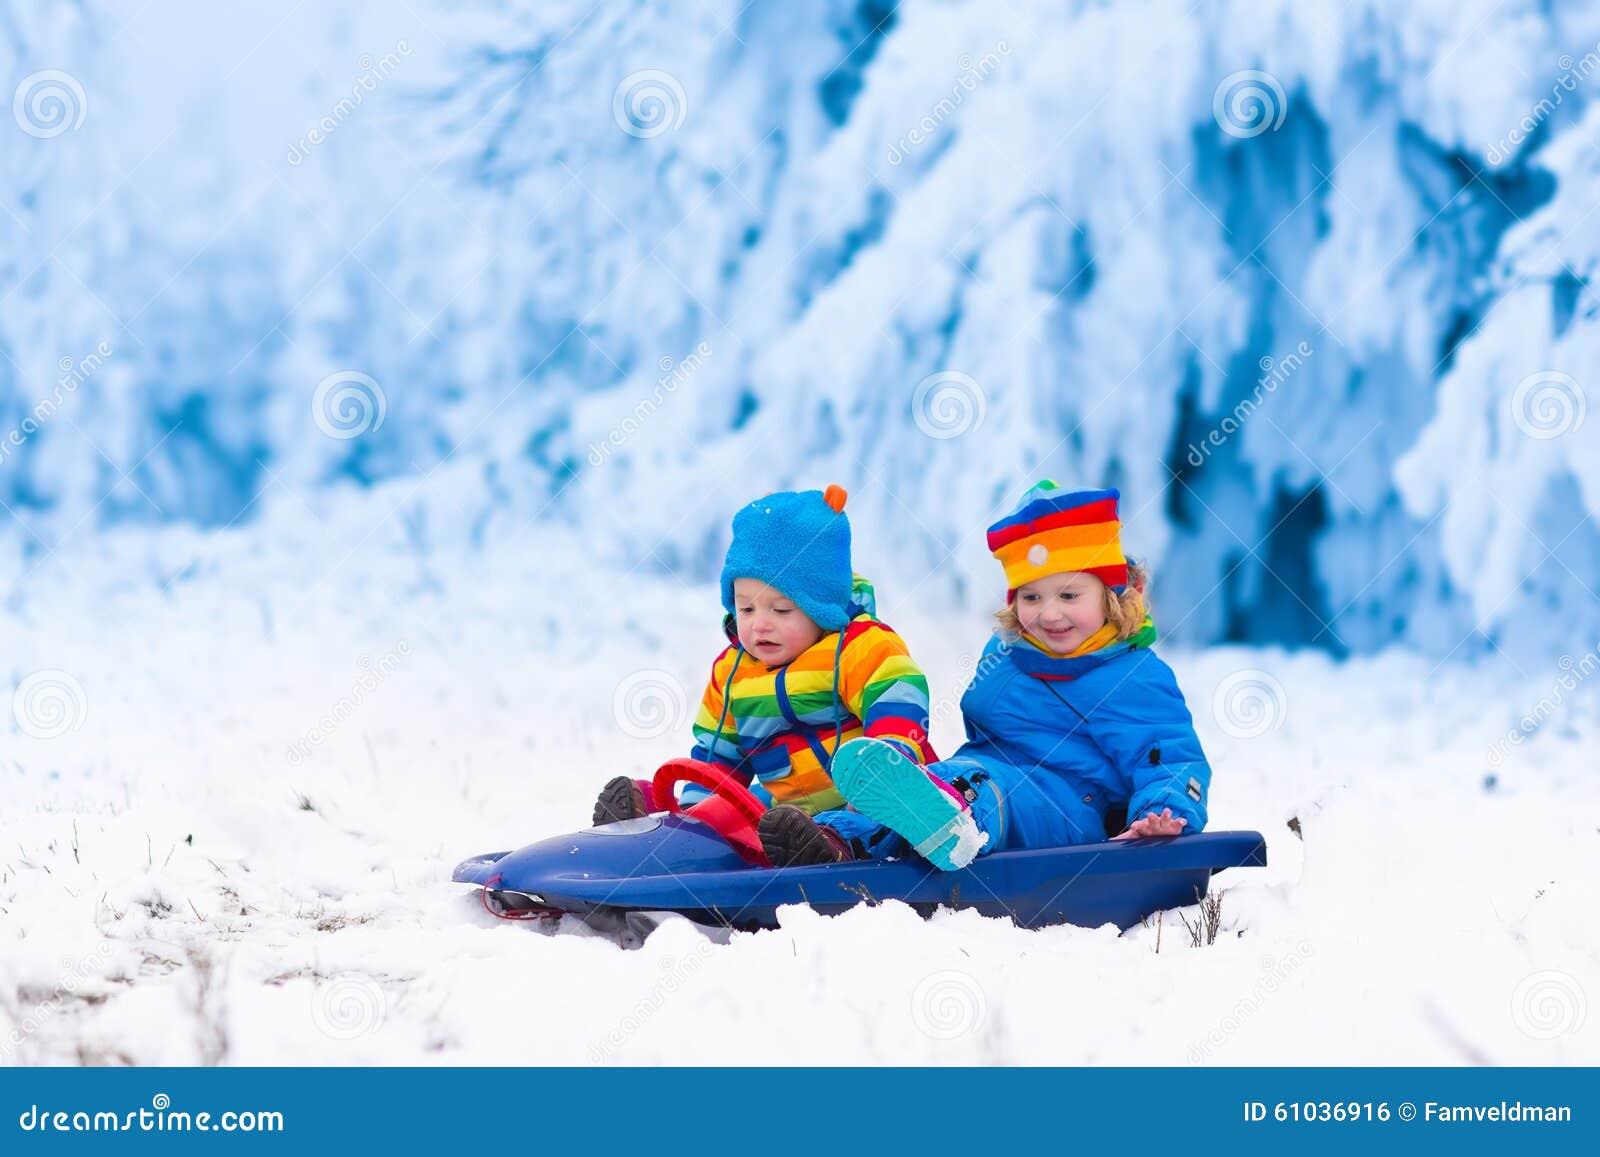 孩子获得在雪橇乘驾的乐趣在冬天